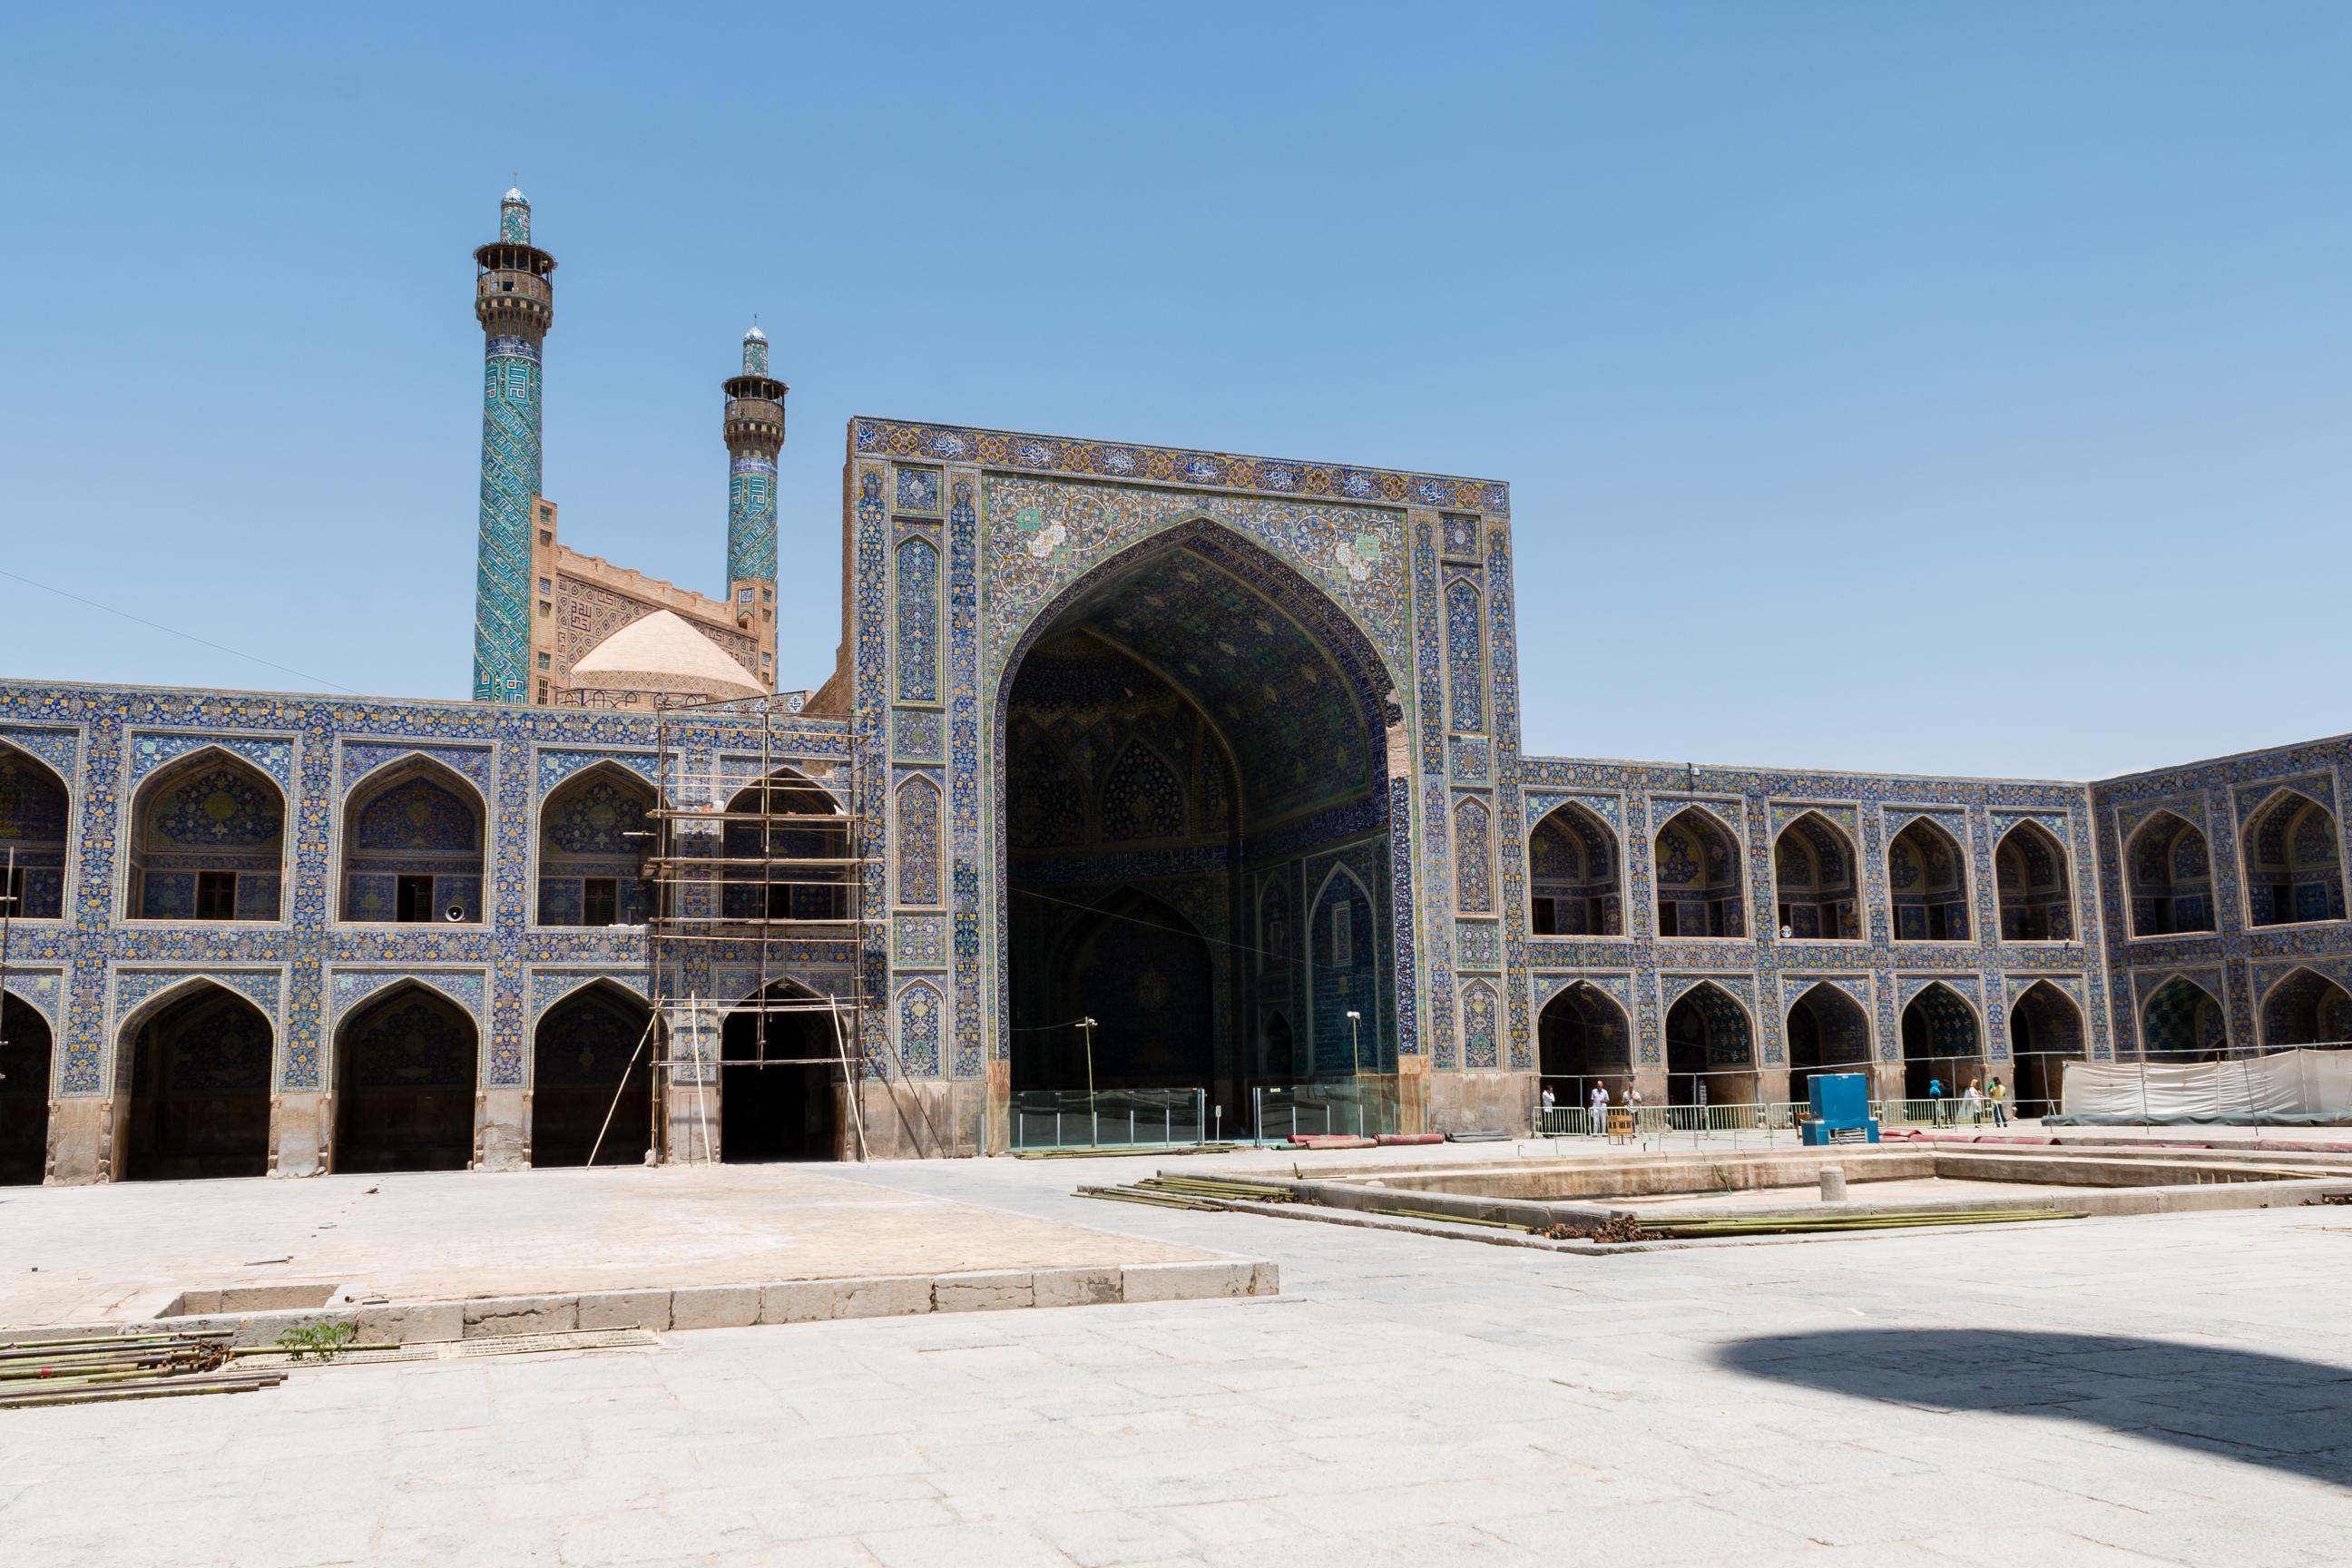 Wewnętrzna strona wyjścia do meczetu Shah z widocznymi minaretami.